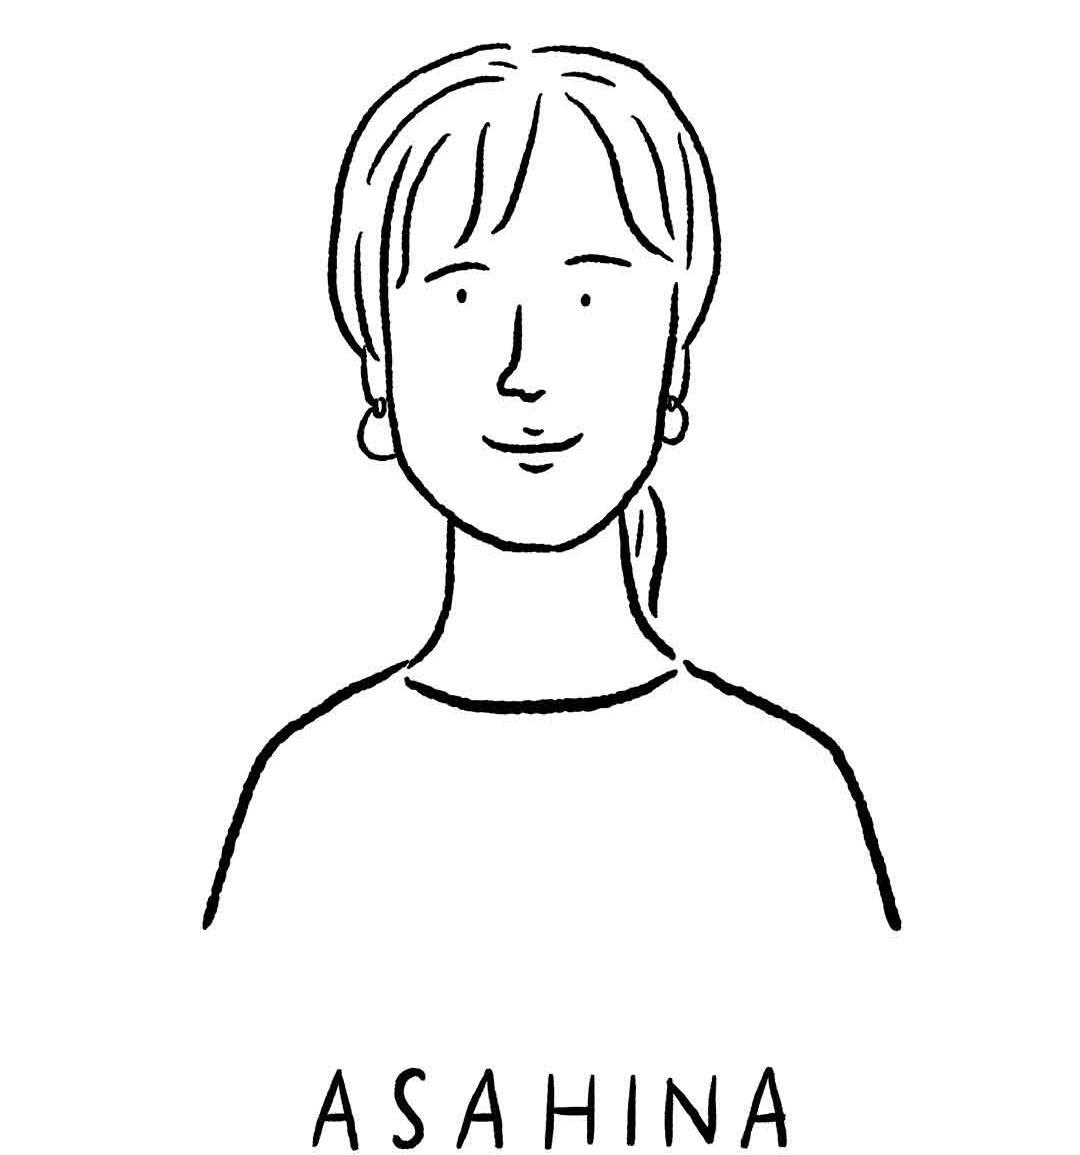 ASAHINA